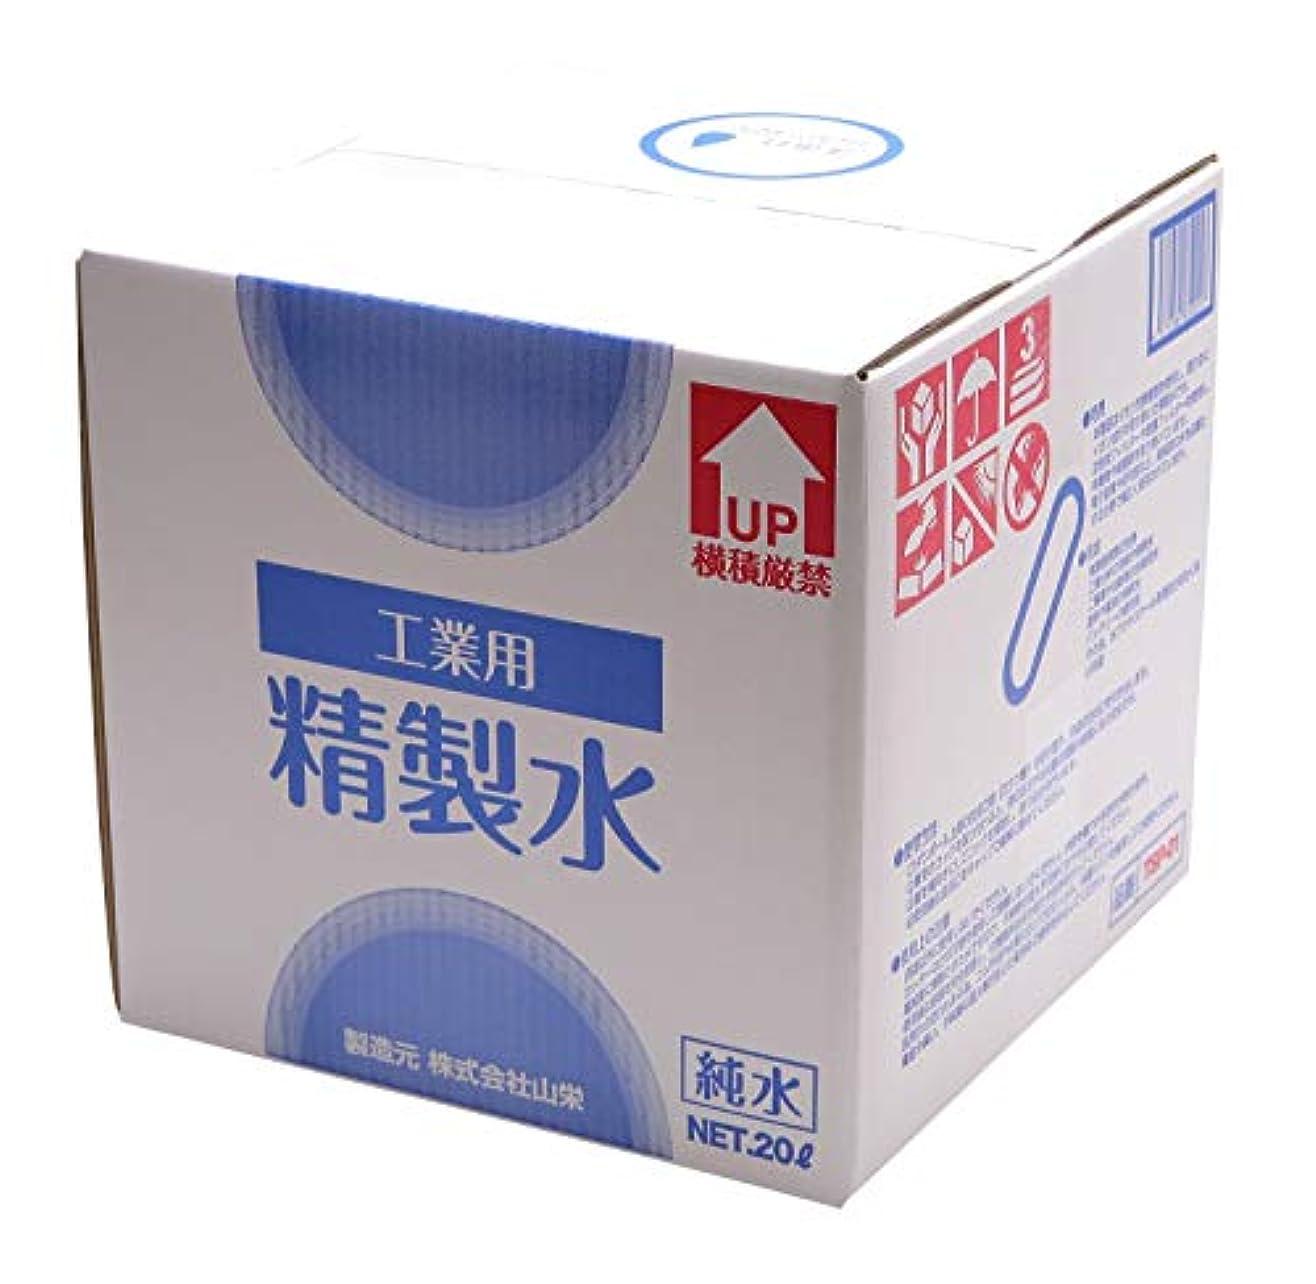 おばさんペン司書サンエイ化学 工業用精製水 純水 20L×1箱 コックなし 【スチーマー 加湿器 オートクレーブ エステ 美容 歯科】